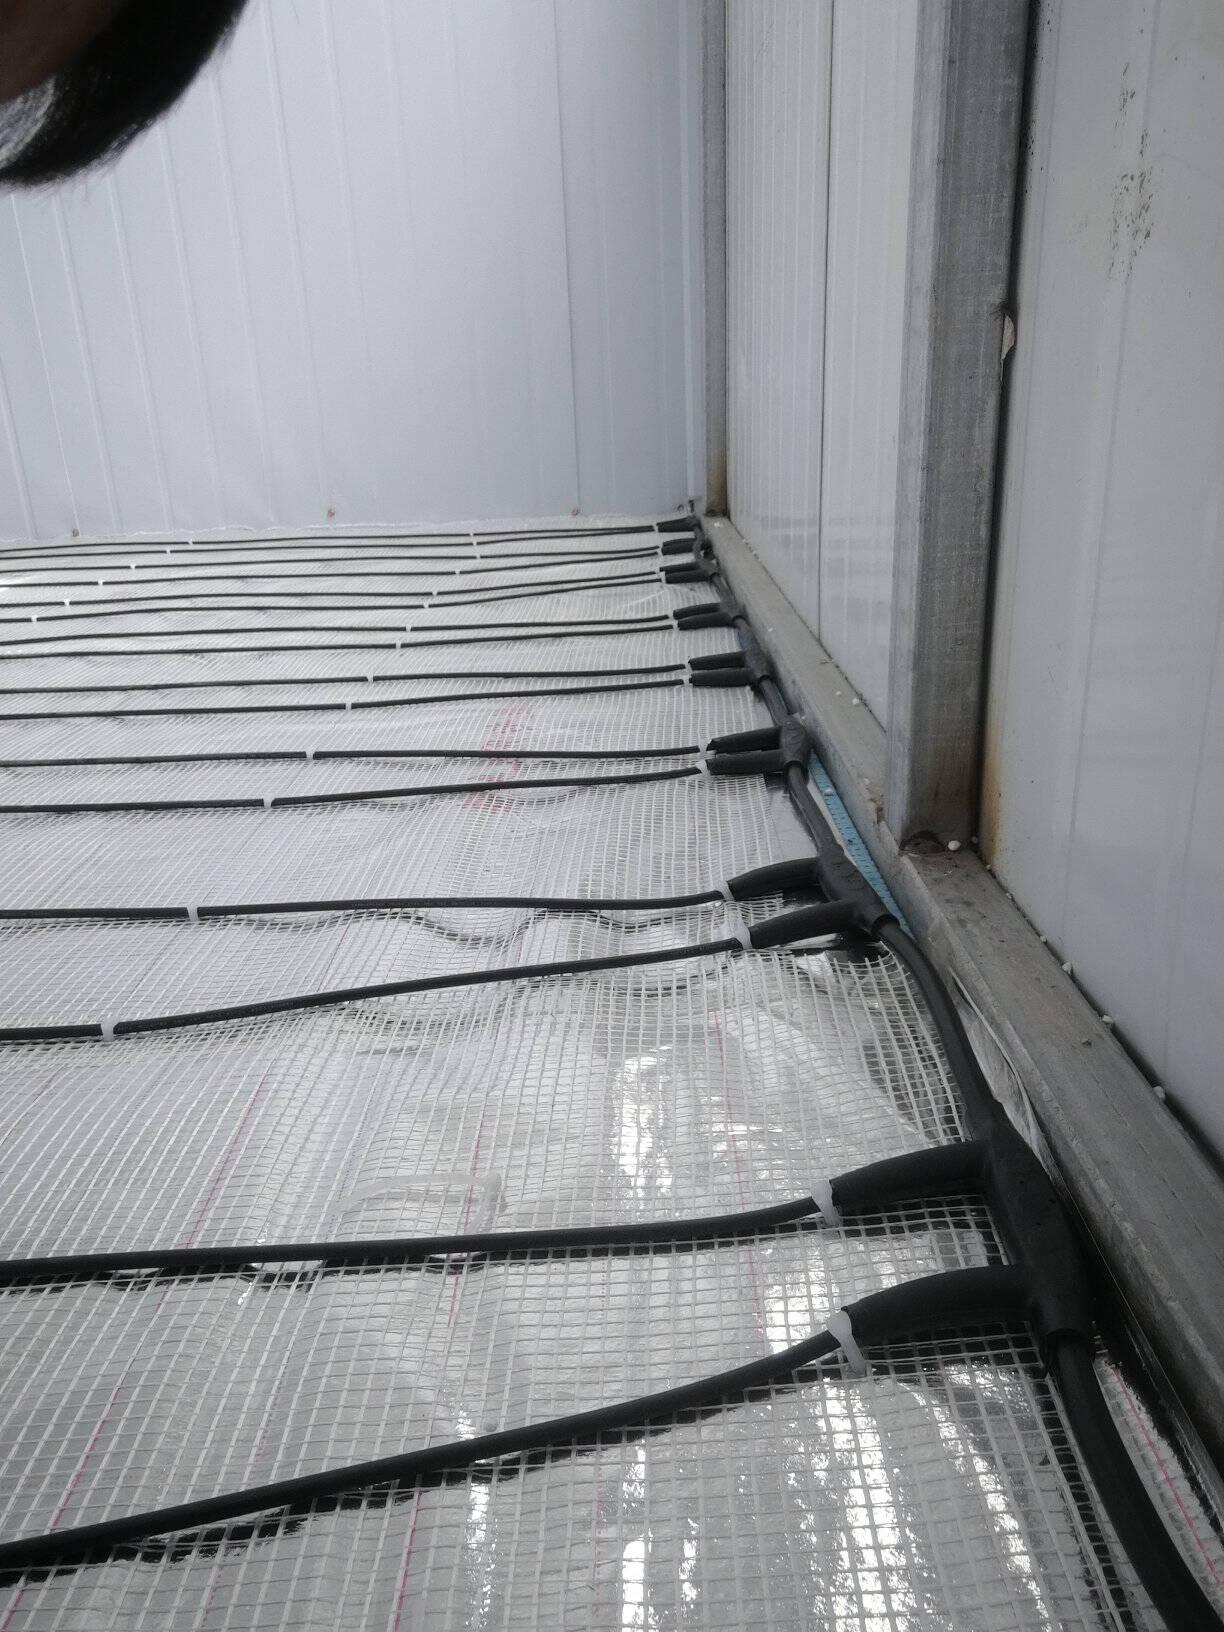 思予电地暖碳纤维发热电缆地热线发热线地暖线电地热220V家用24K进口全智能分区控制温如需单组联系客服(1组适用于1.5平米)